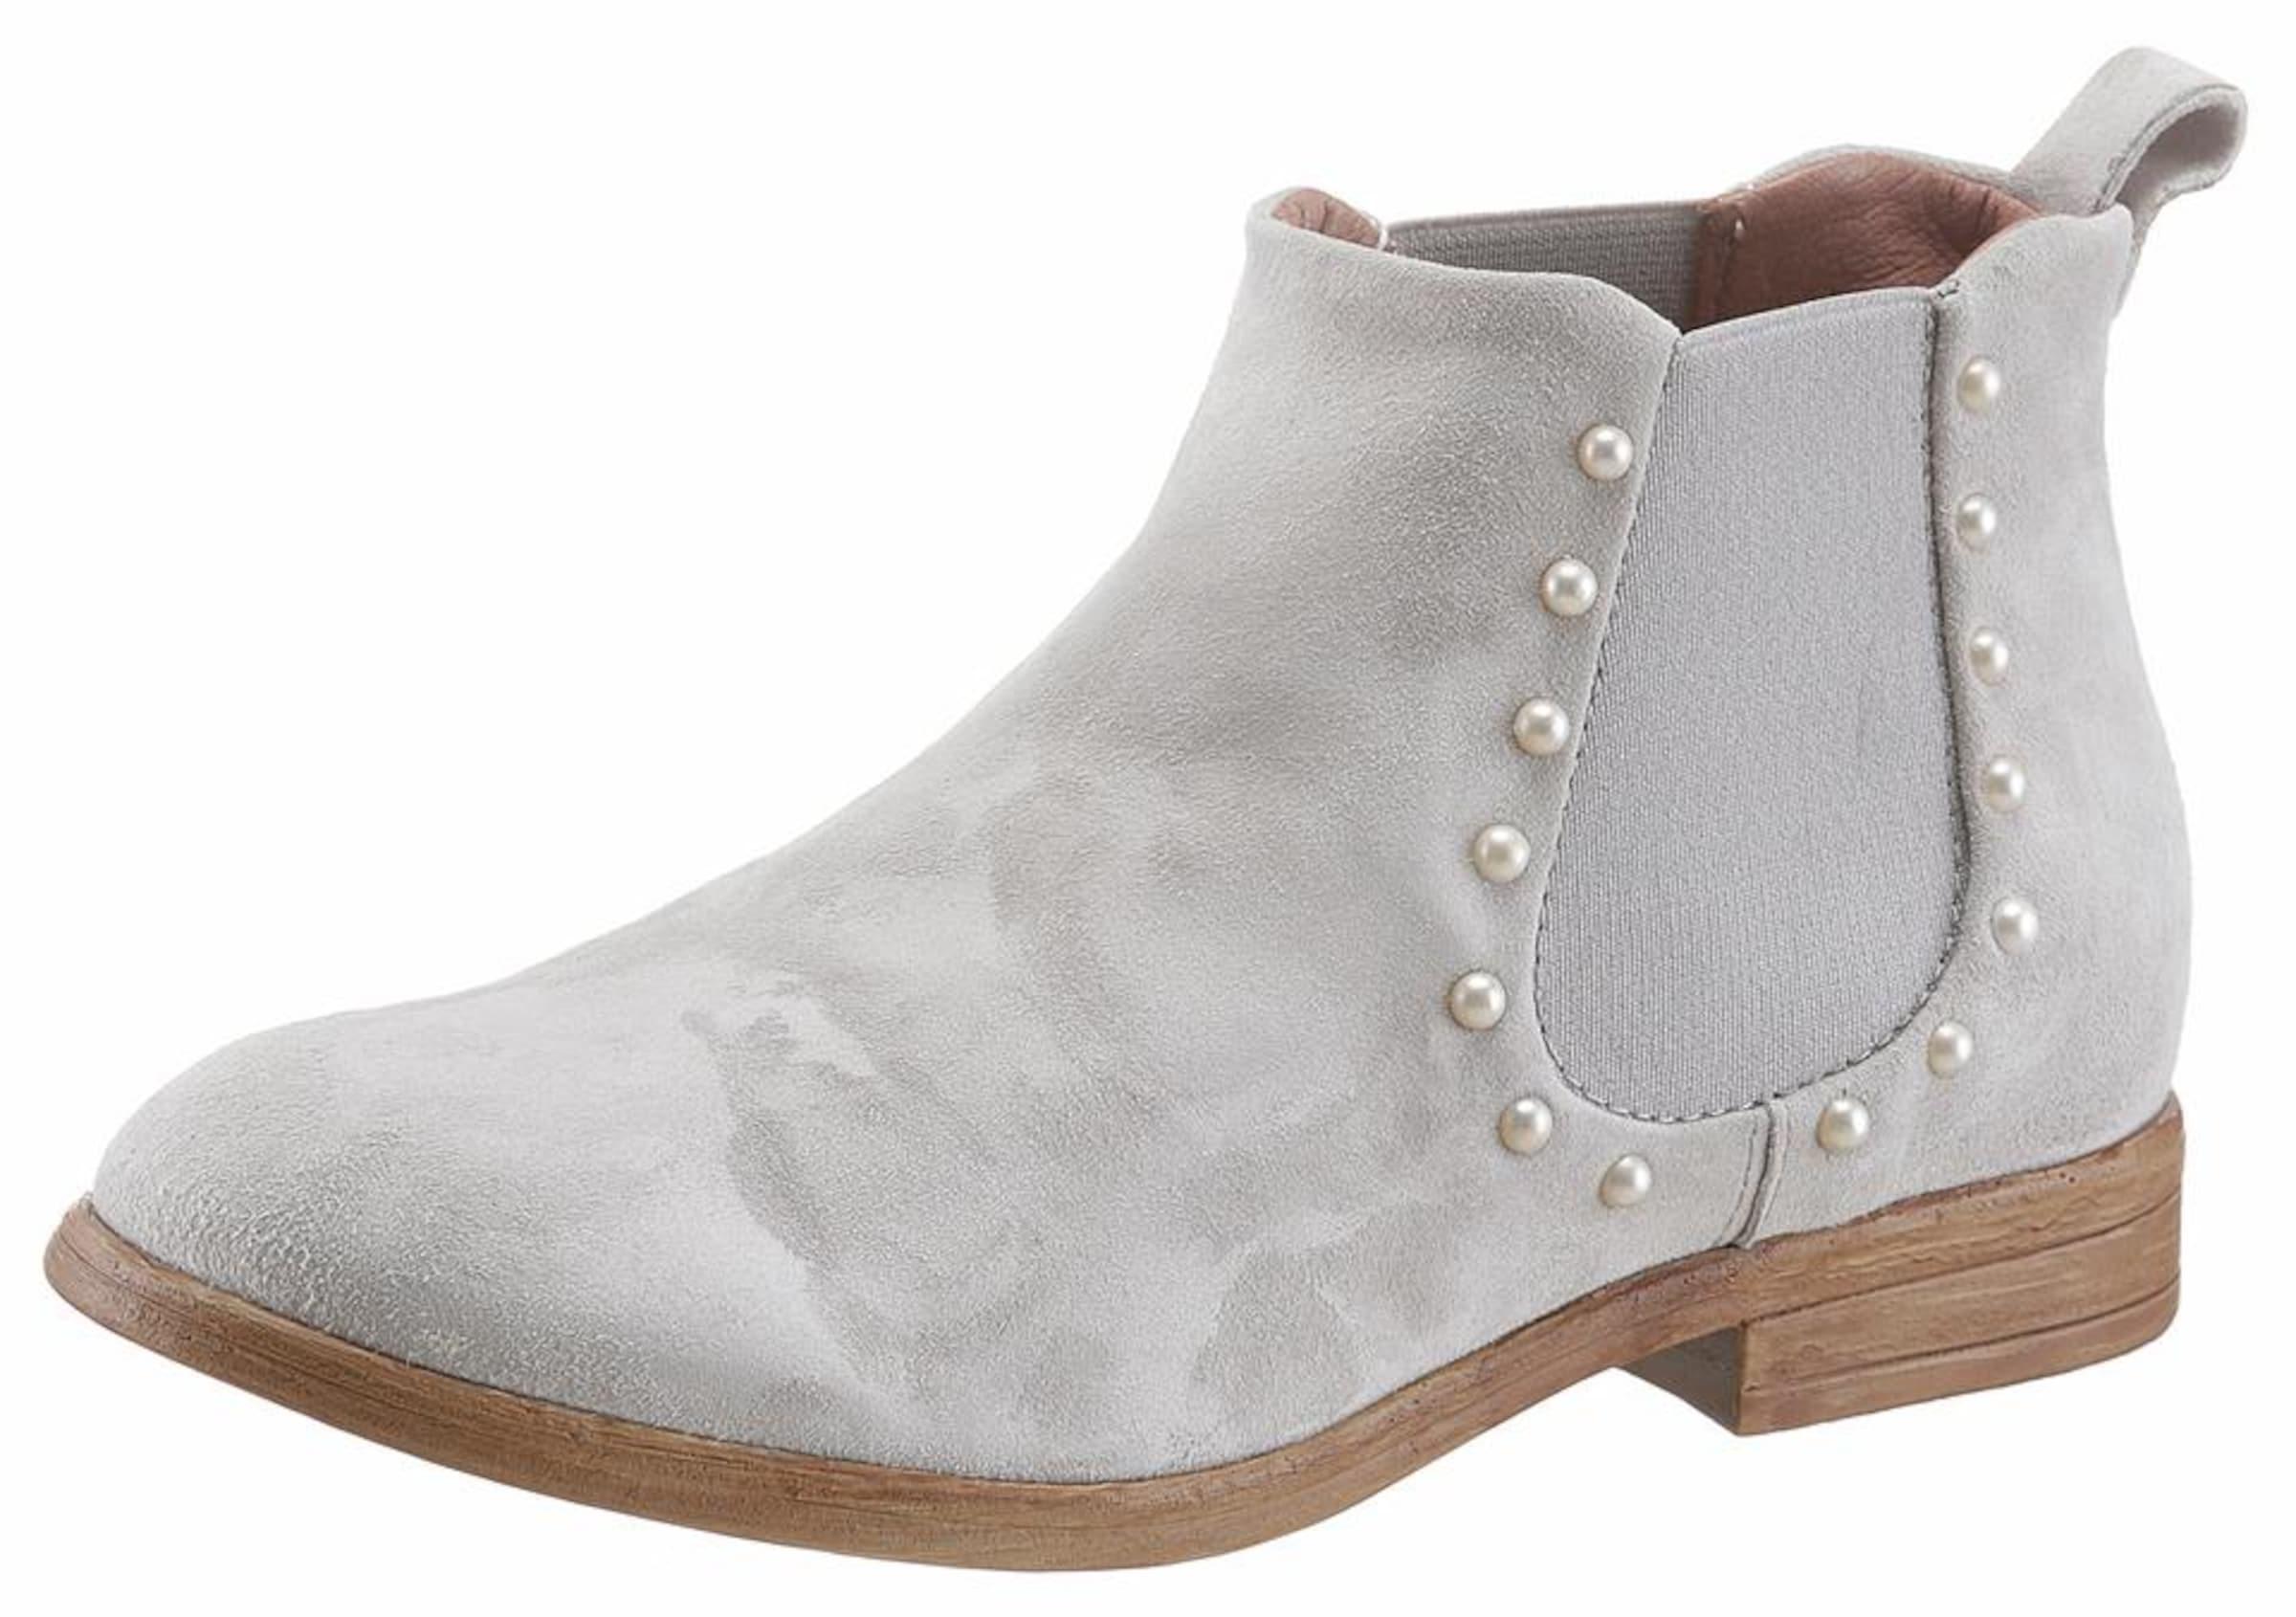 ARIZONA Chelsea-Boots Verschleißfeste billige Schuhe Hohe Qualität